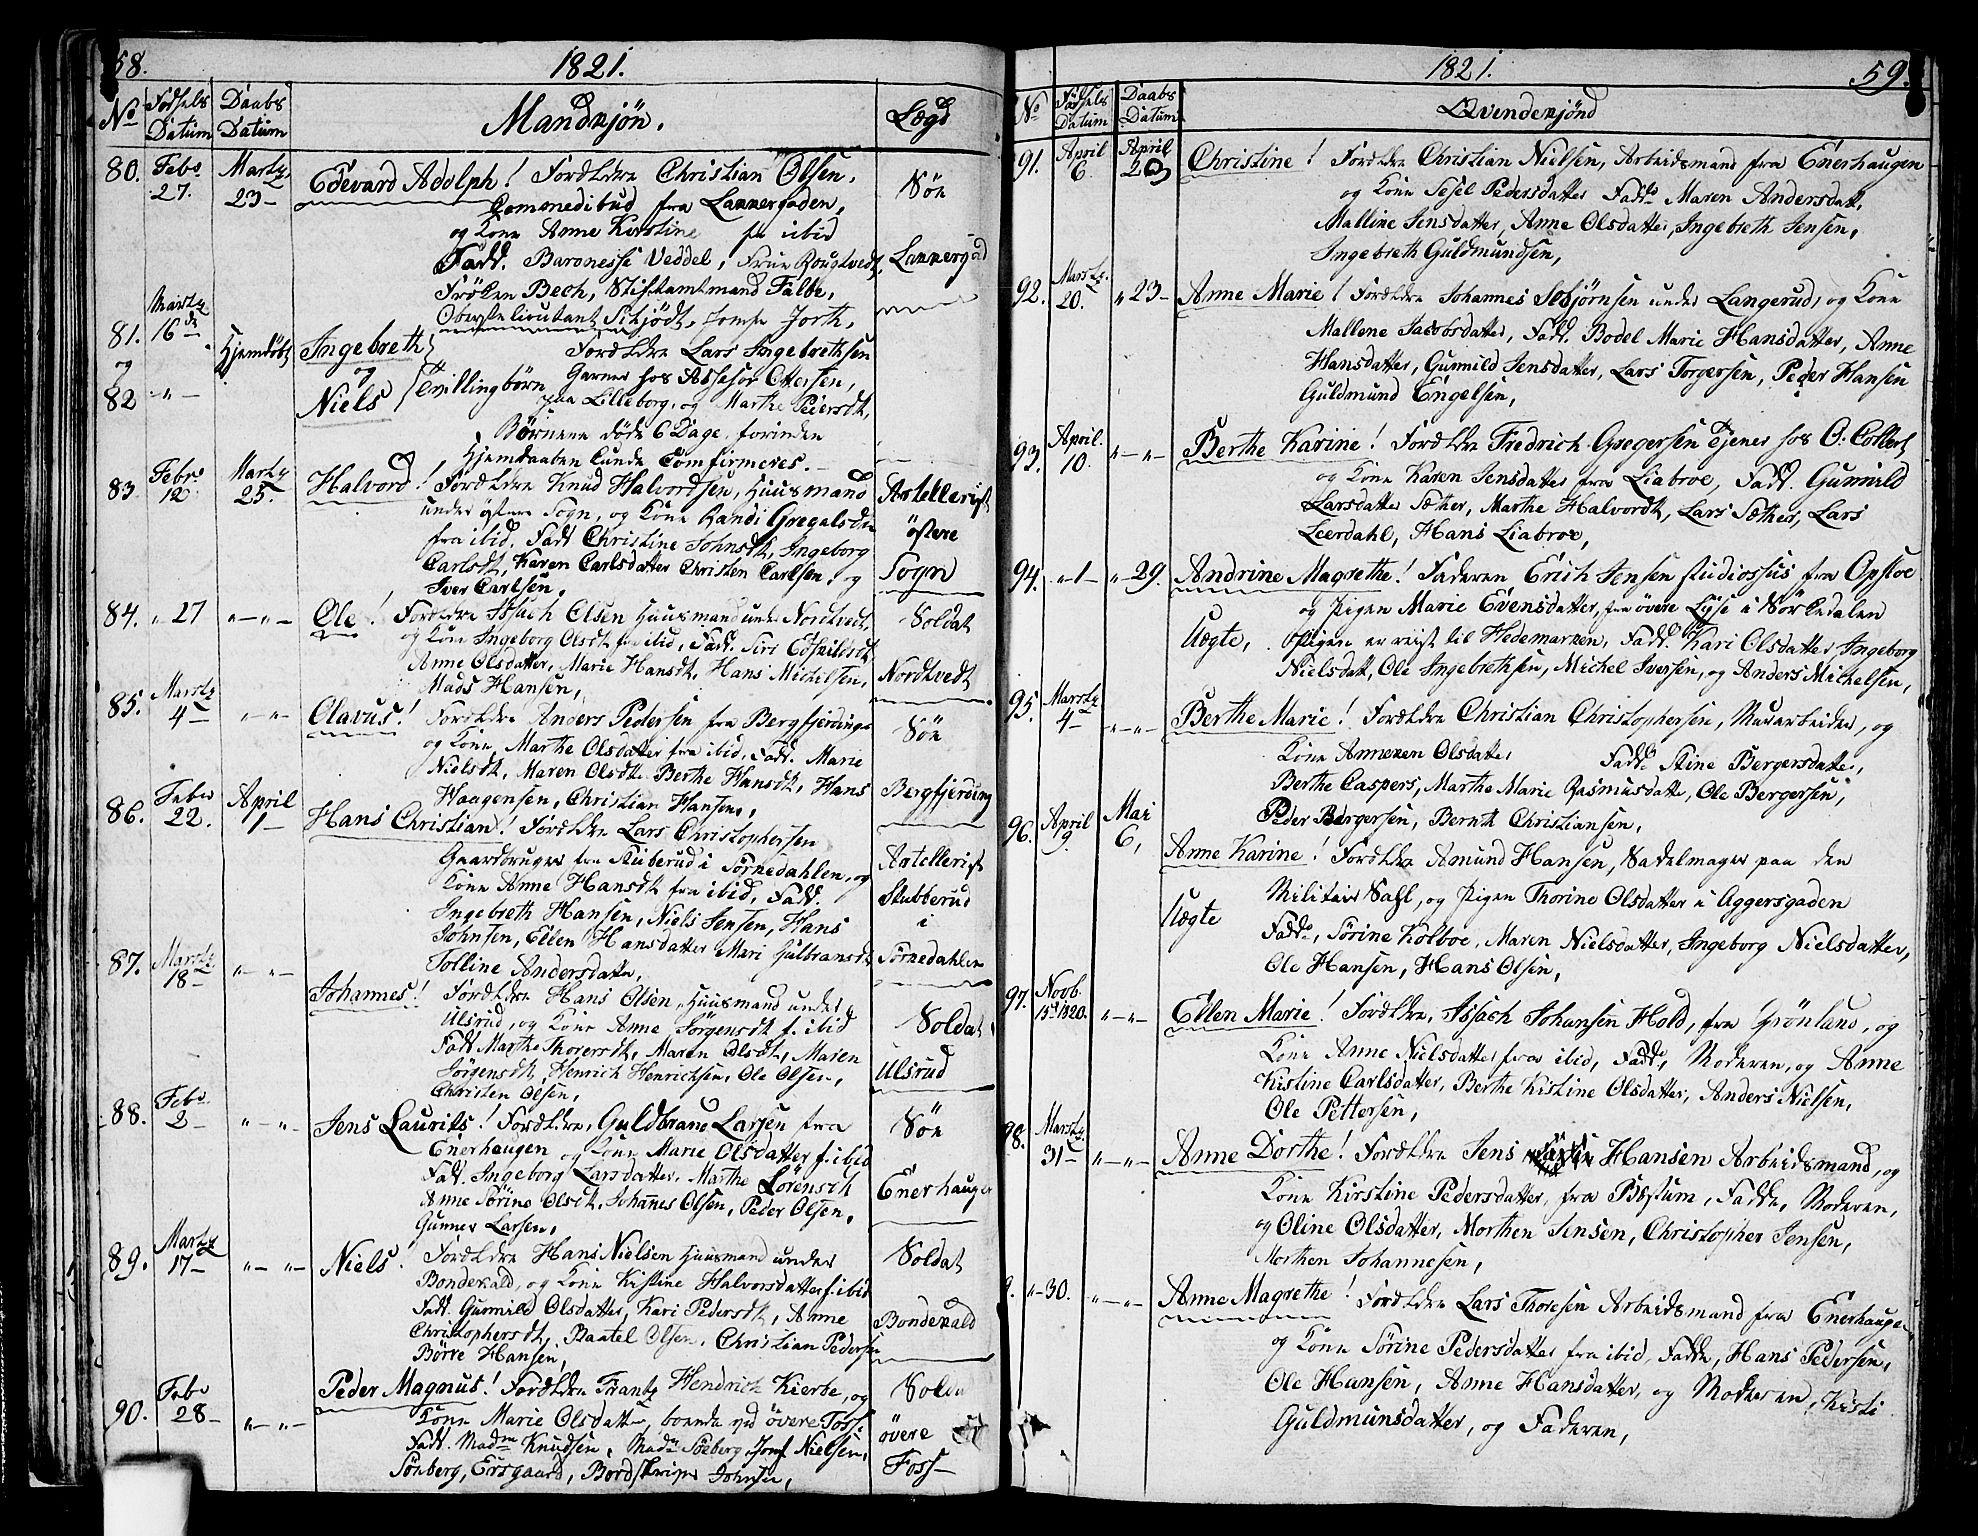 SAO, Aker prestekontor kirkebøker, G/L0004: Klokkerbok nr. 4, 1819-1829, s. 58-59